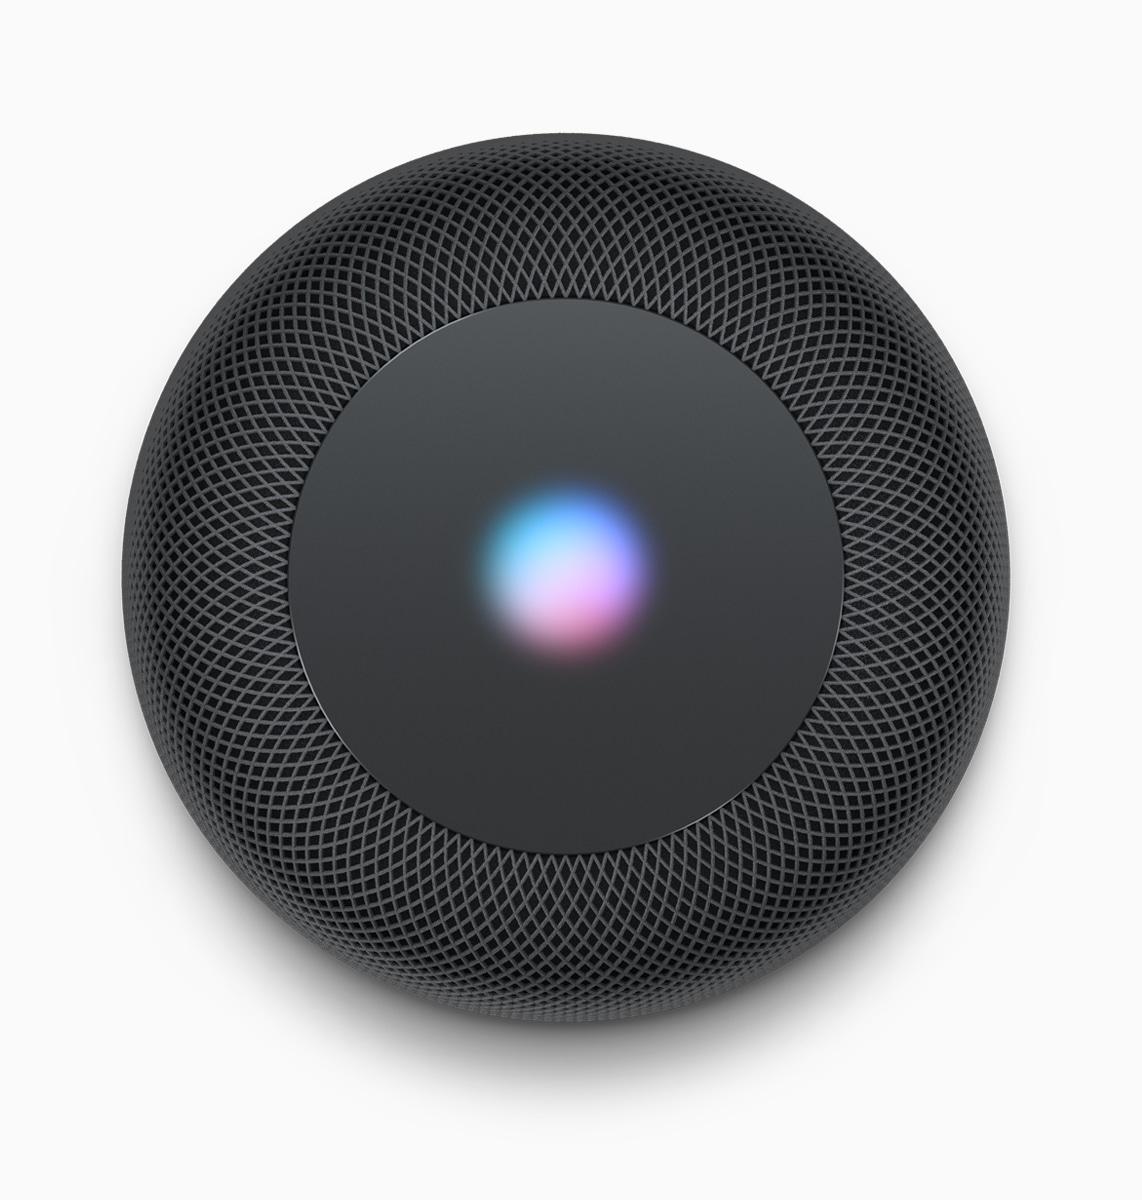 HomePod preto de cima com o ícone da Siri